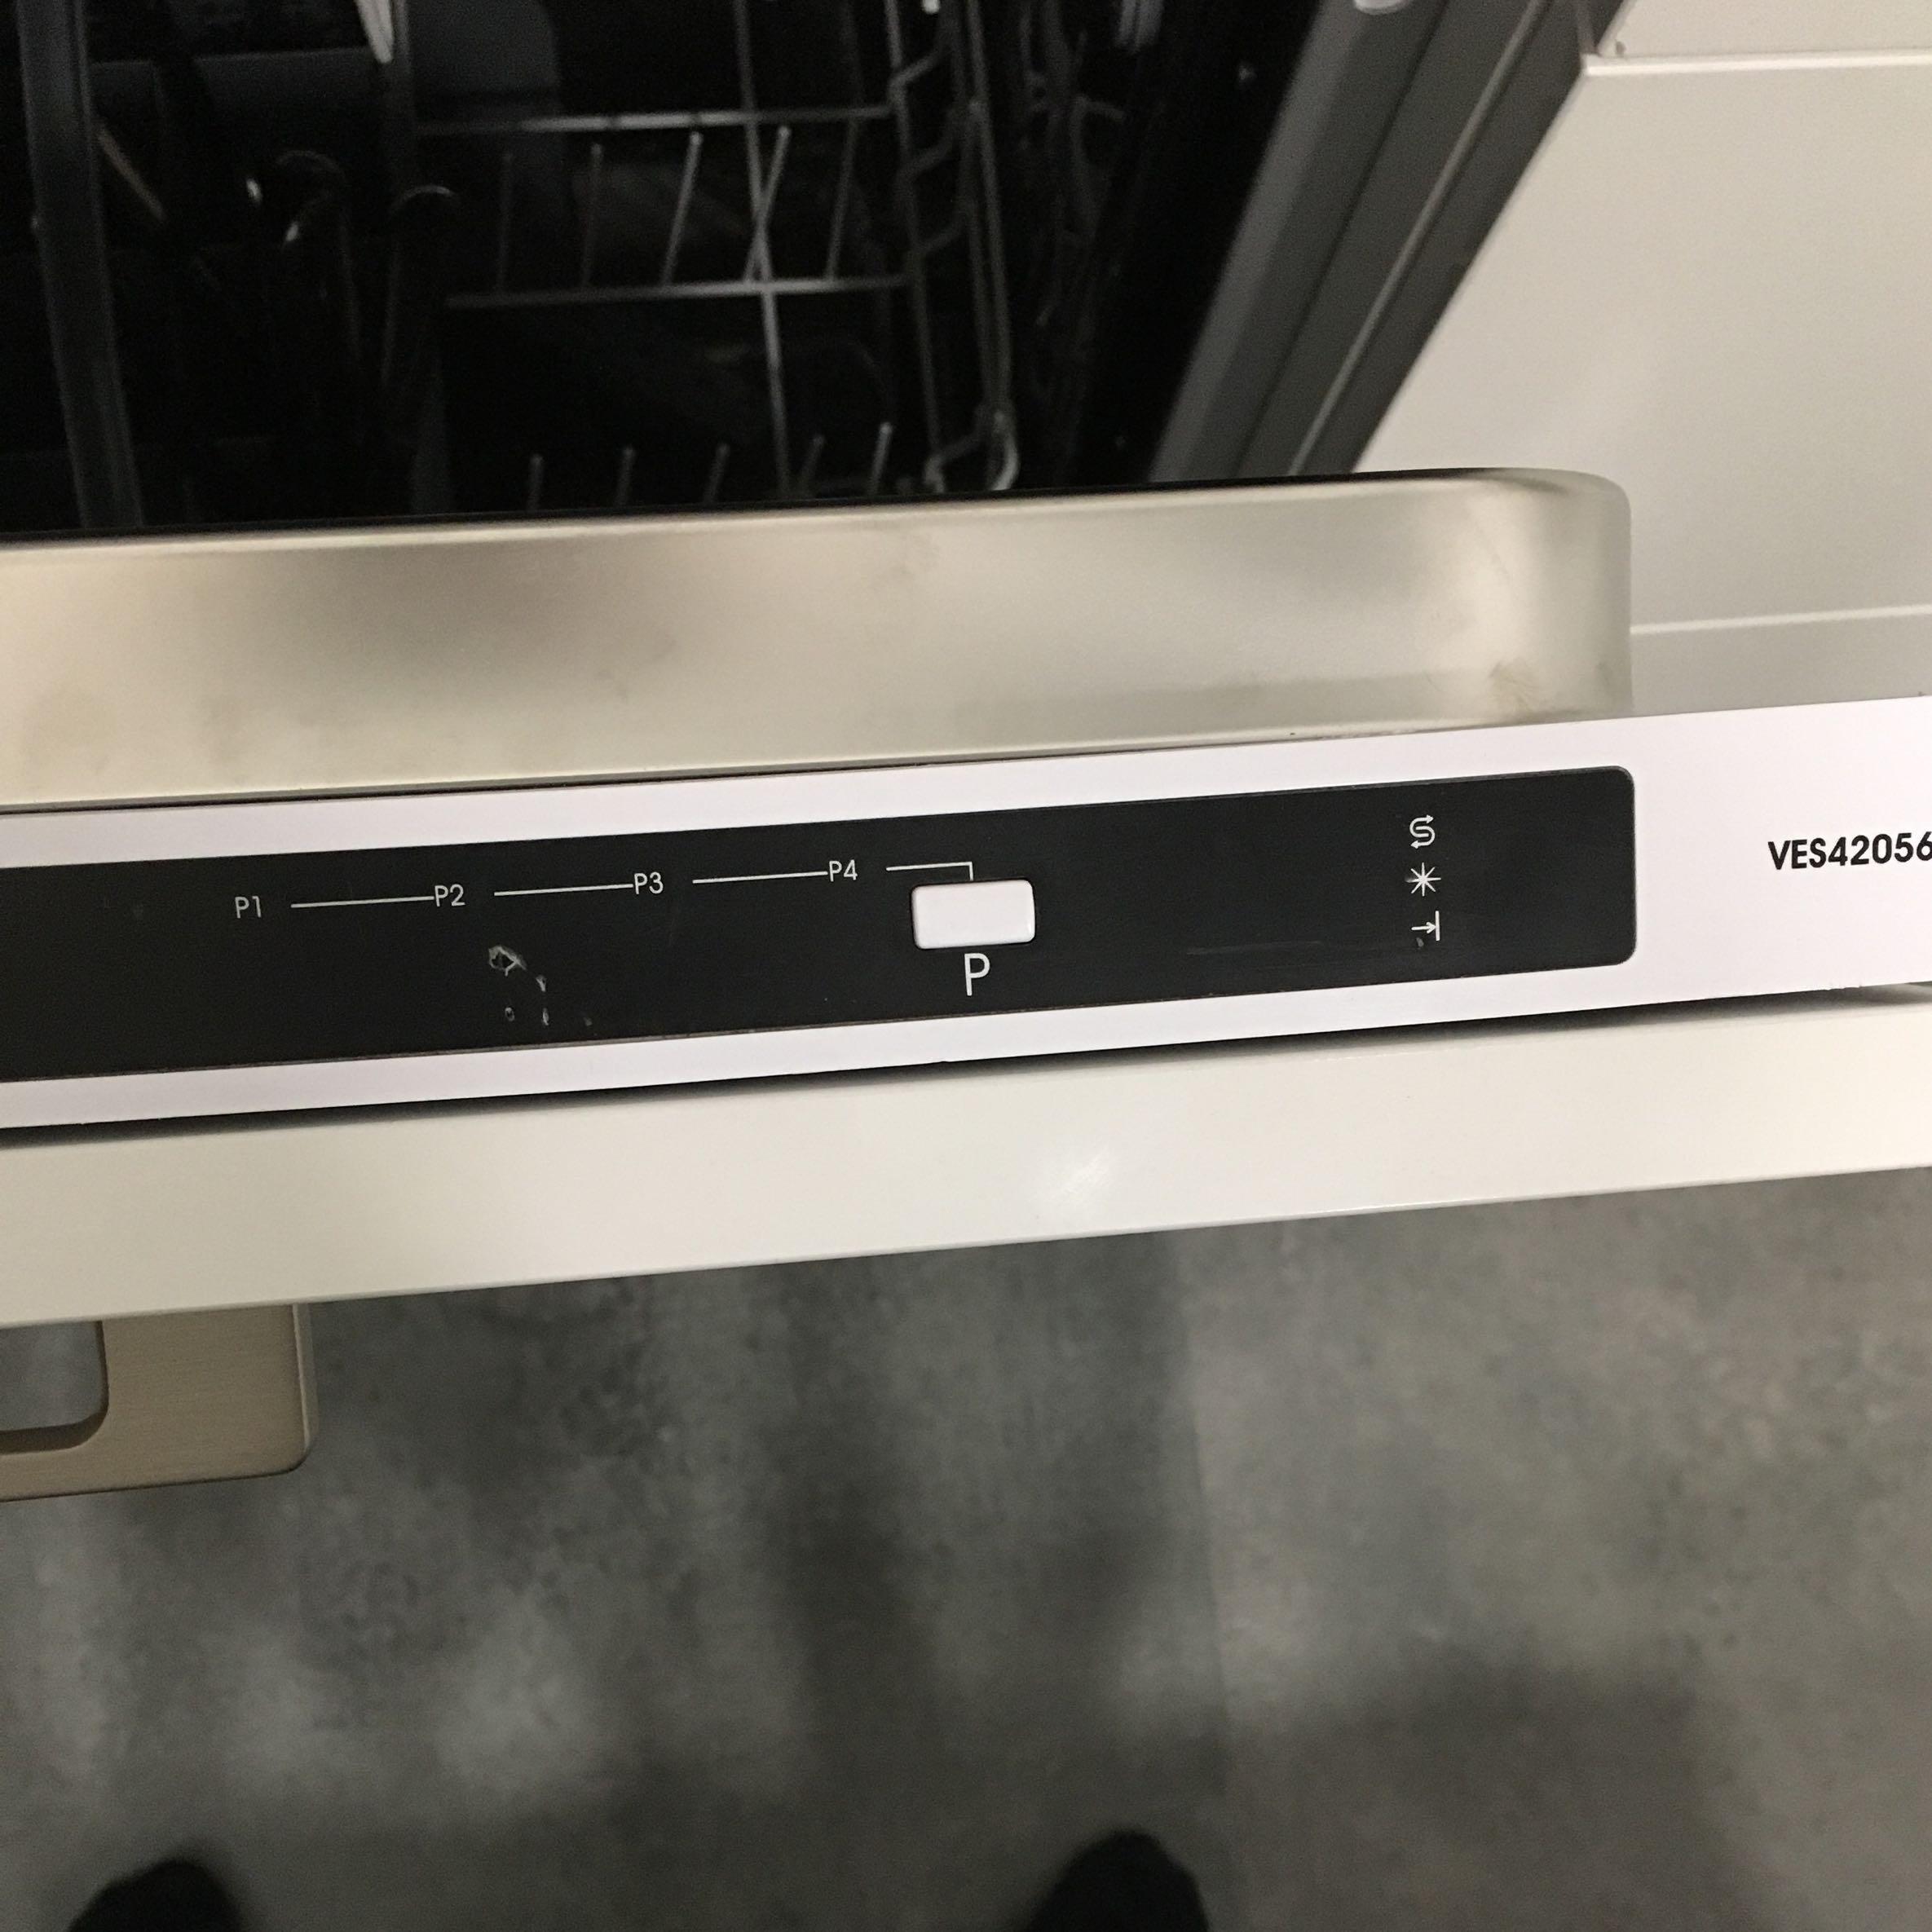 geschirrsp lmaschine vestel fehler p1 p2 piept und blinkt computer technik technologie